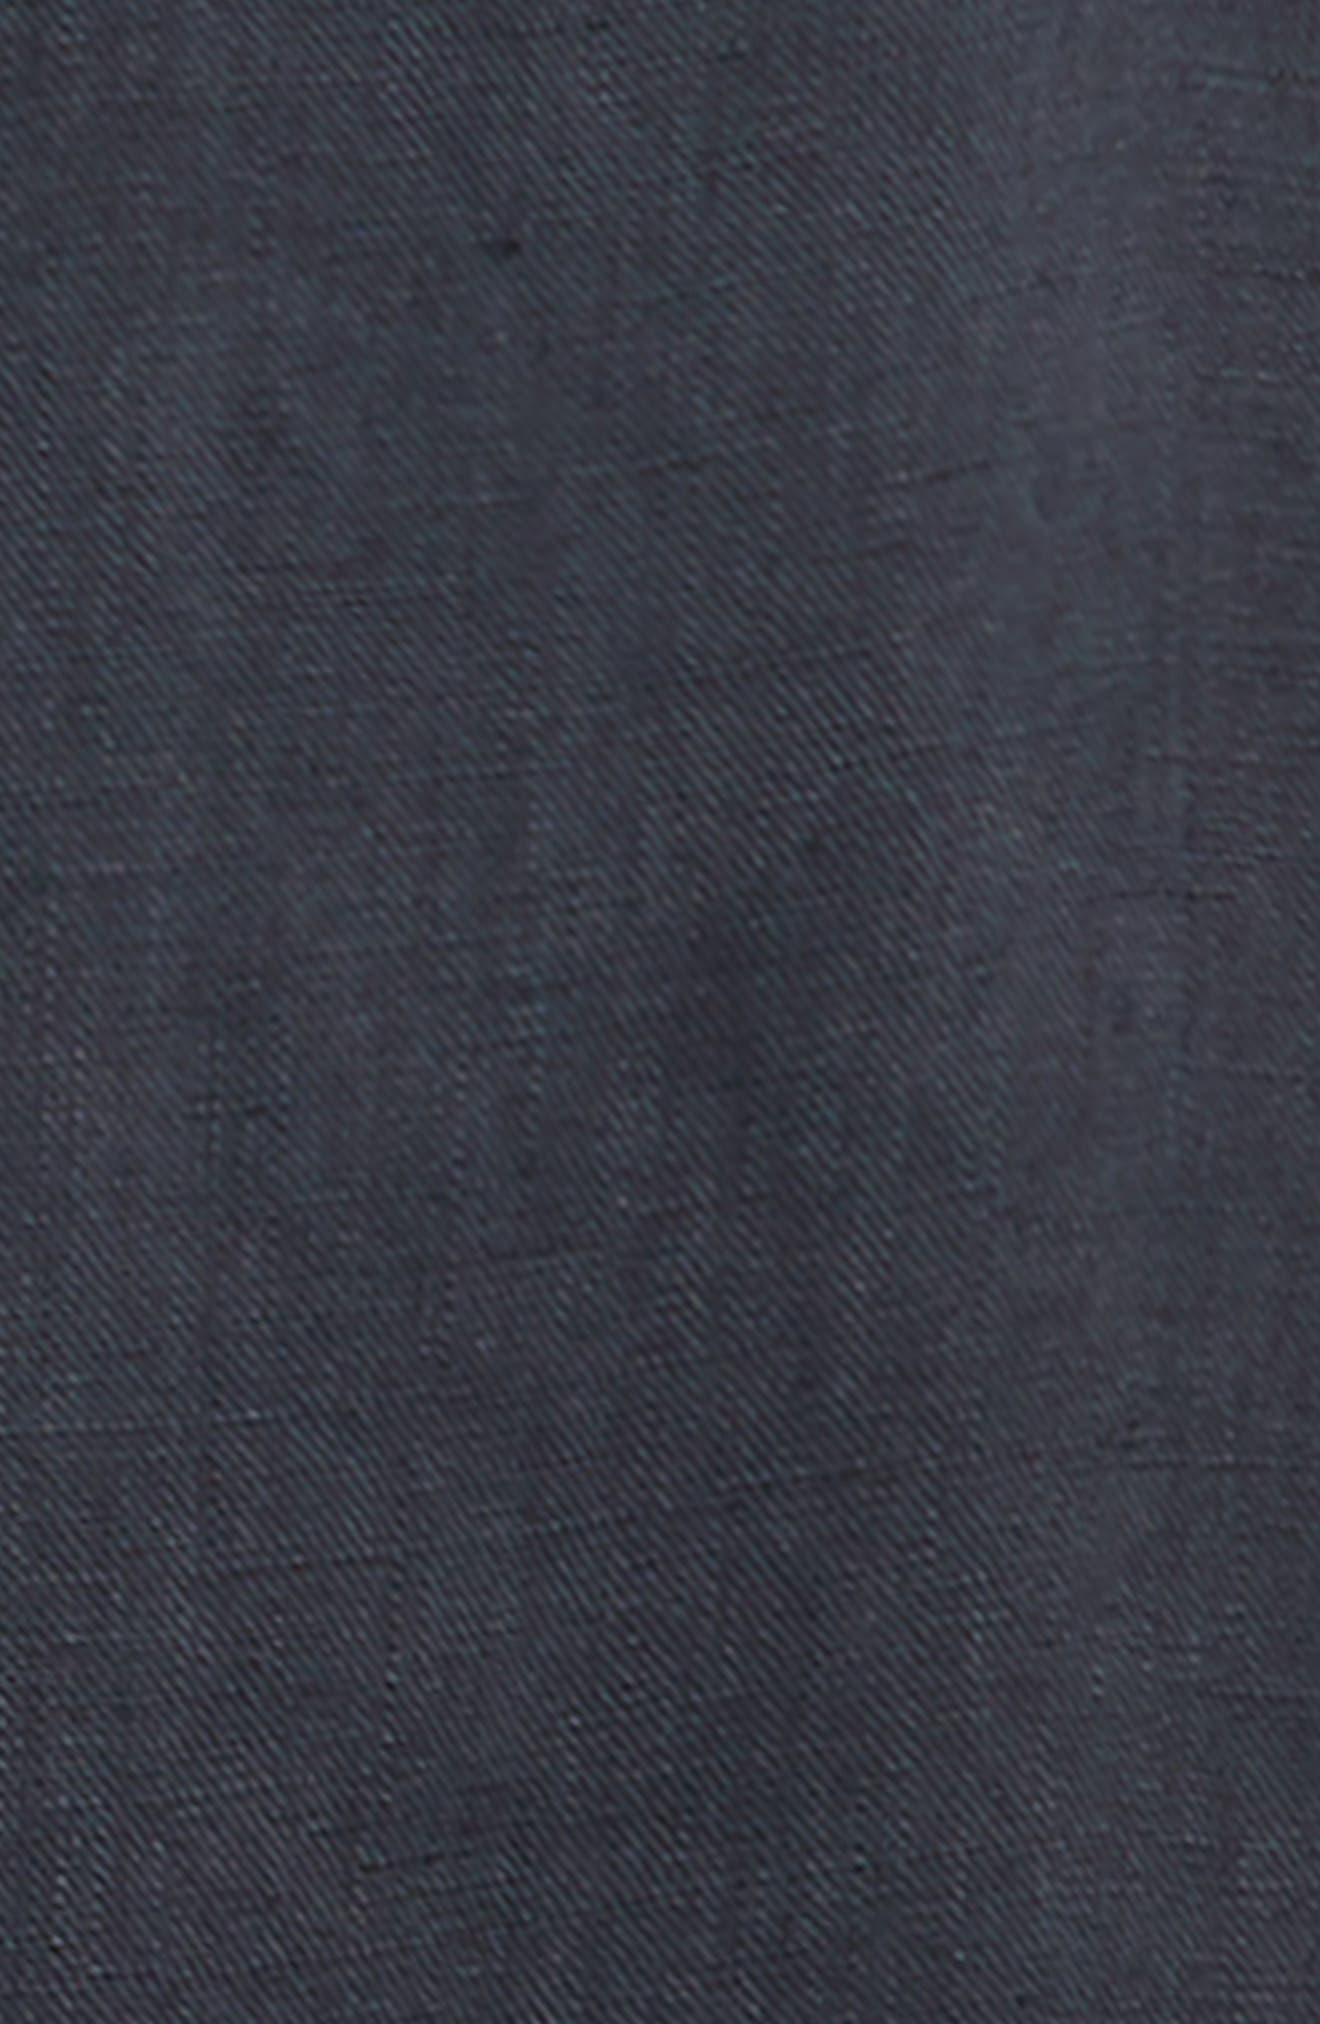 ,                             Mod Suit,                             Alternate thumbnail 2, color,                             CARBON